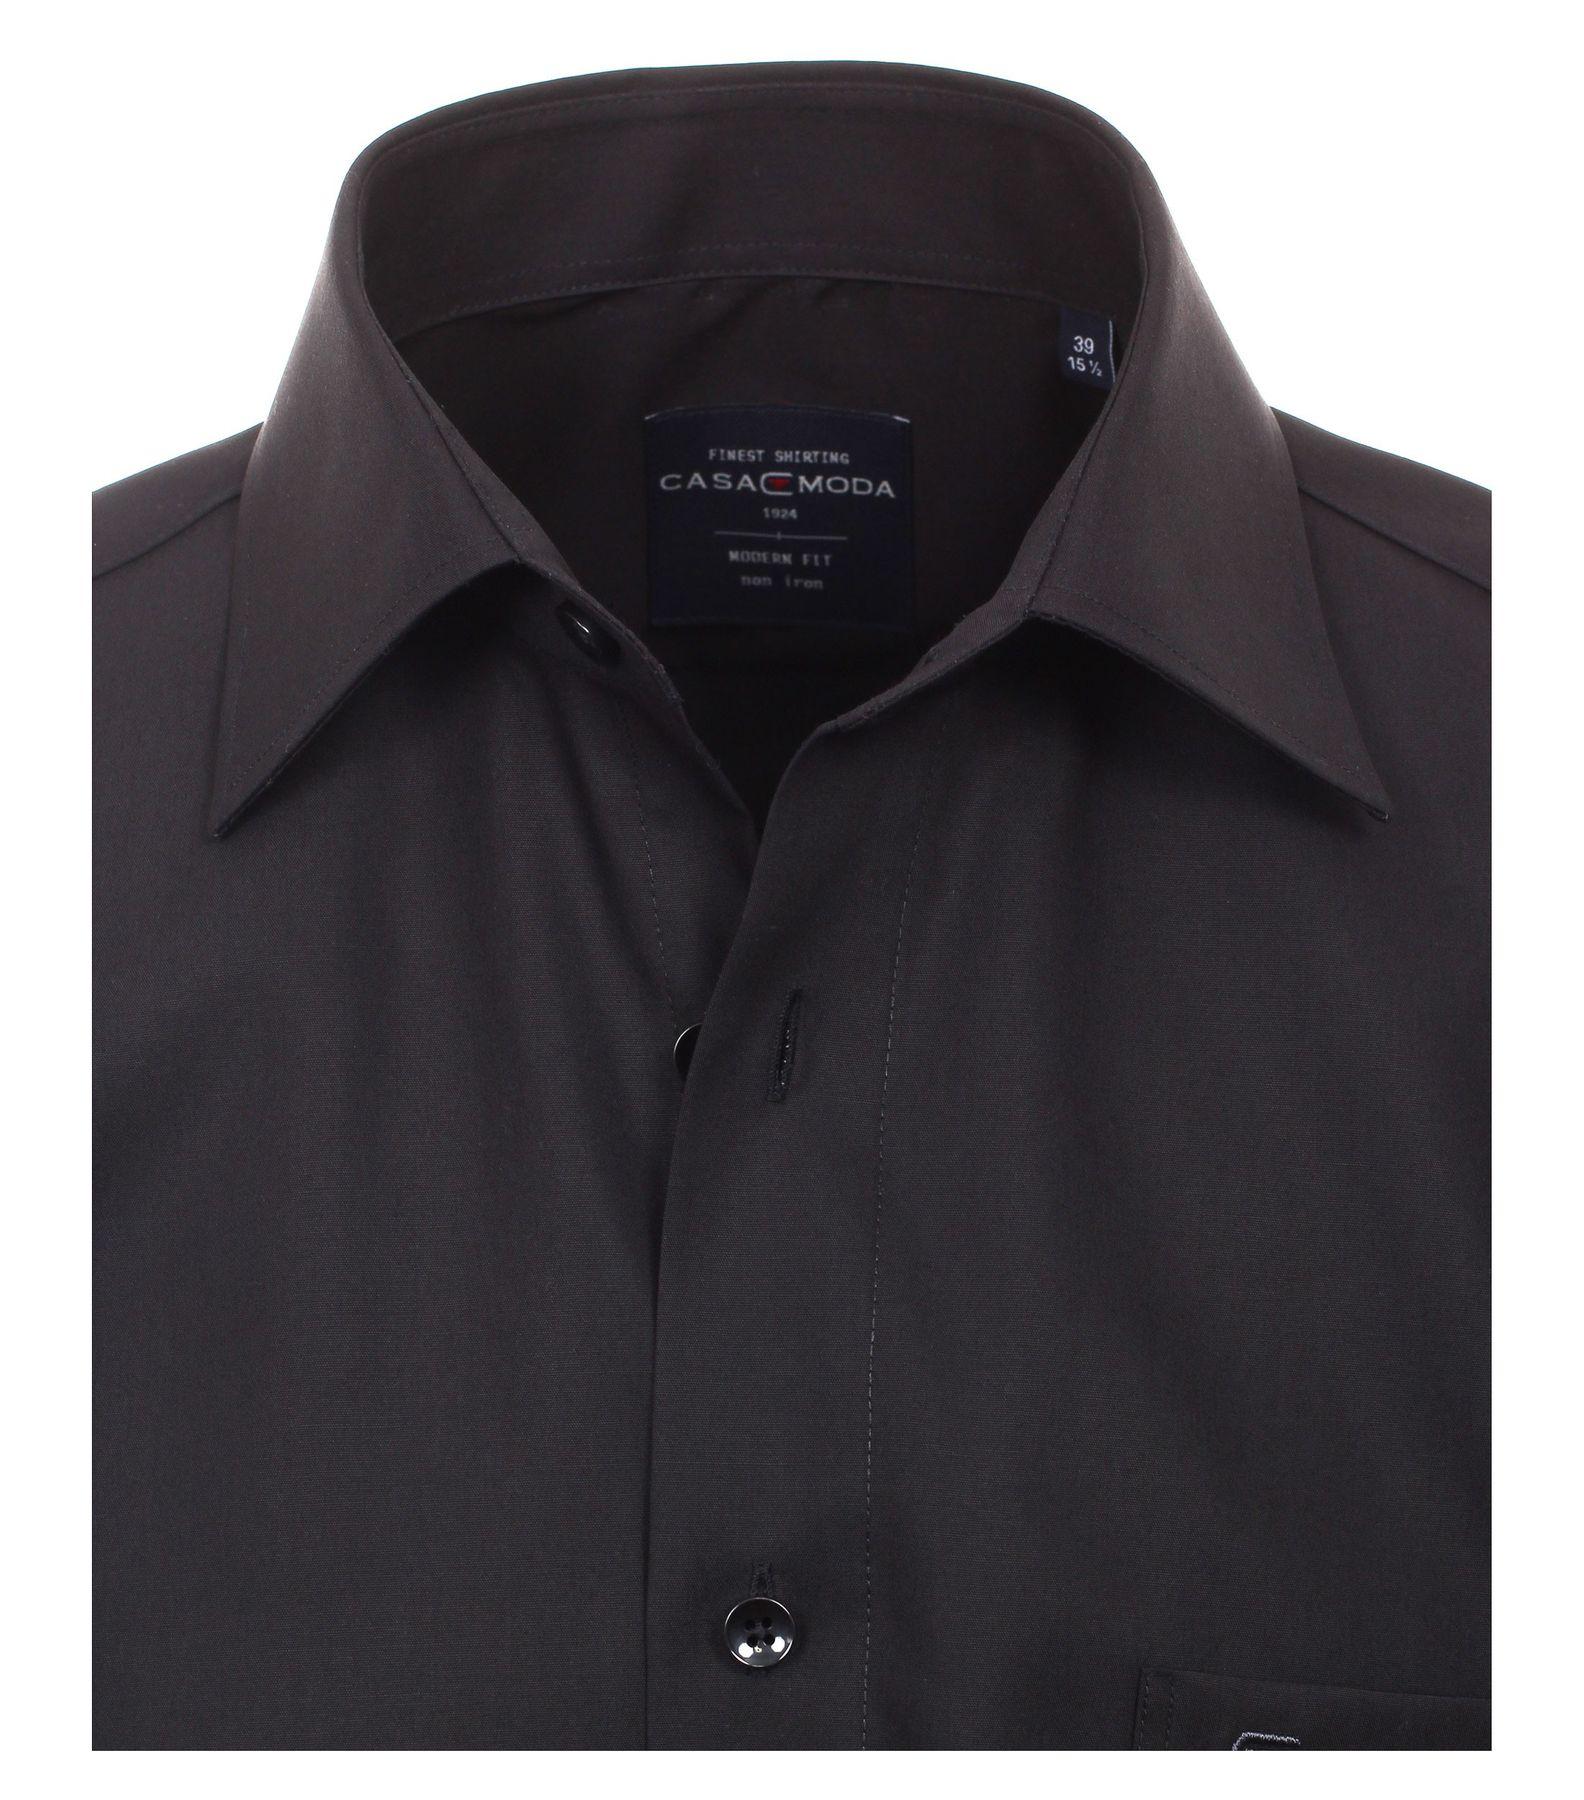 Casamoda - Modern Fit - Bügelfreies Herren kurzarm Hemd in verschiedene Farben (008570) – Bild 23